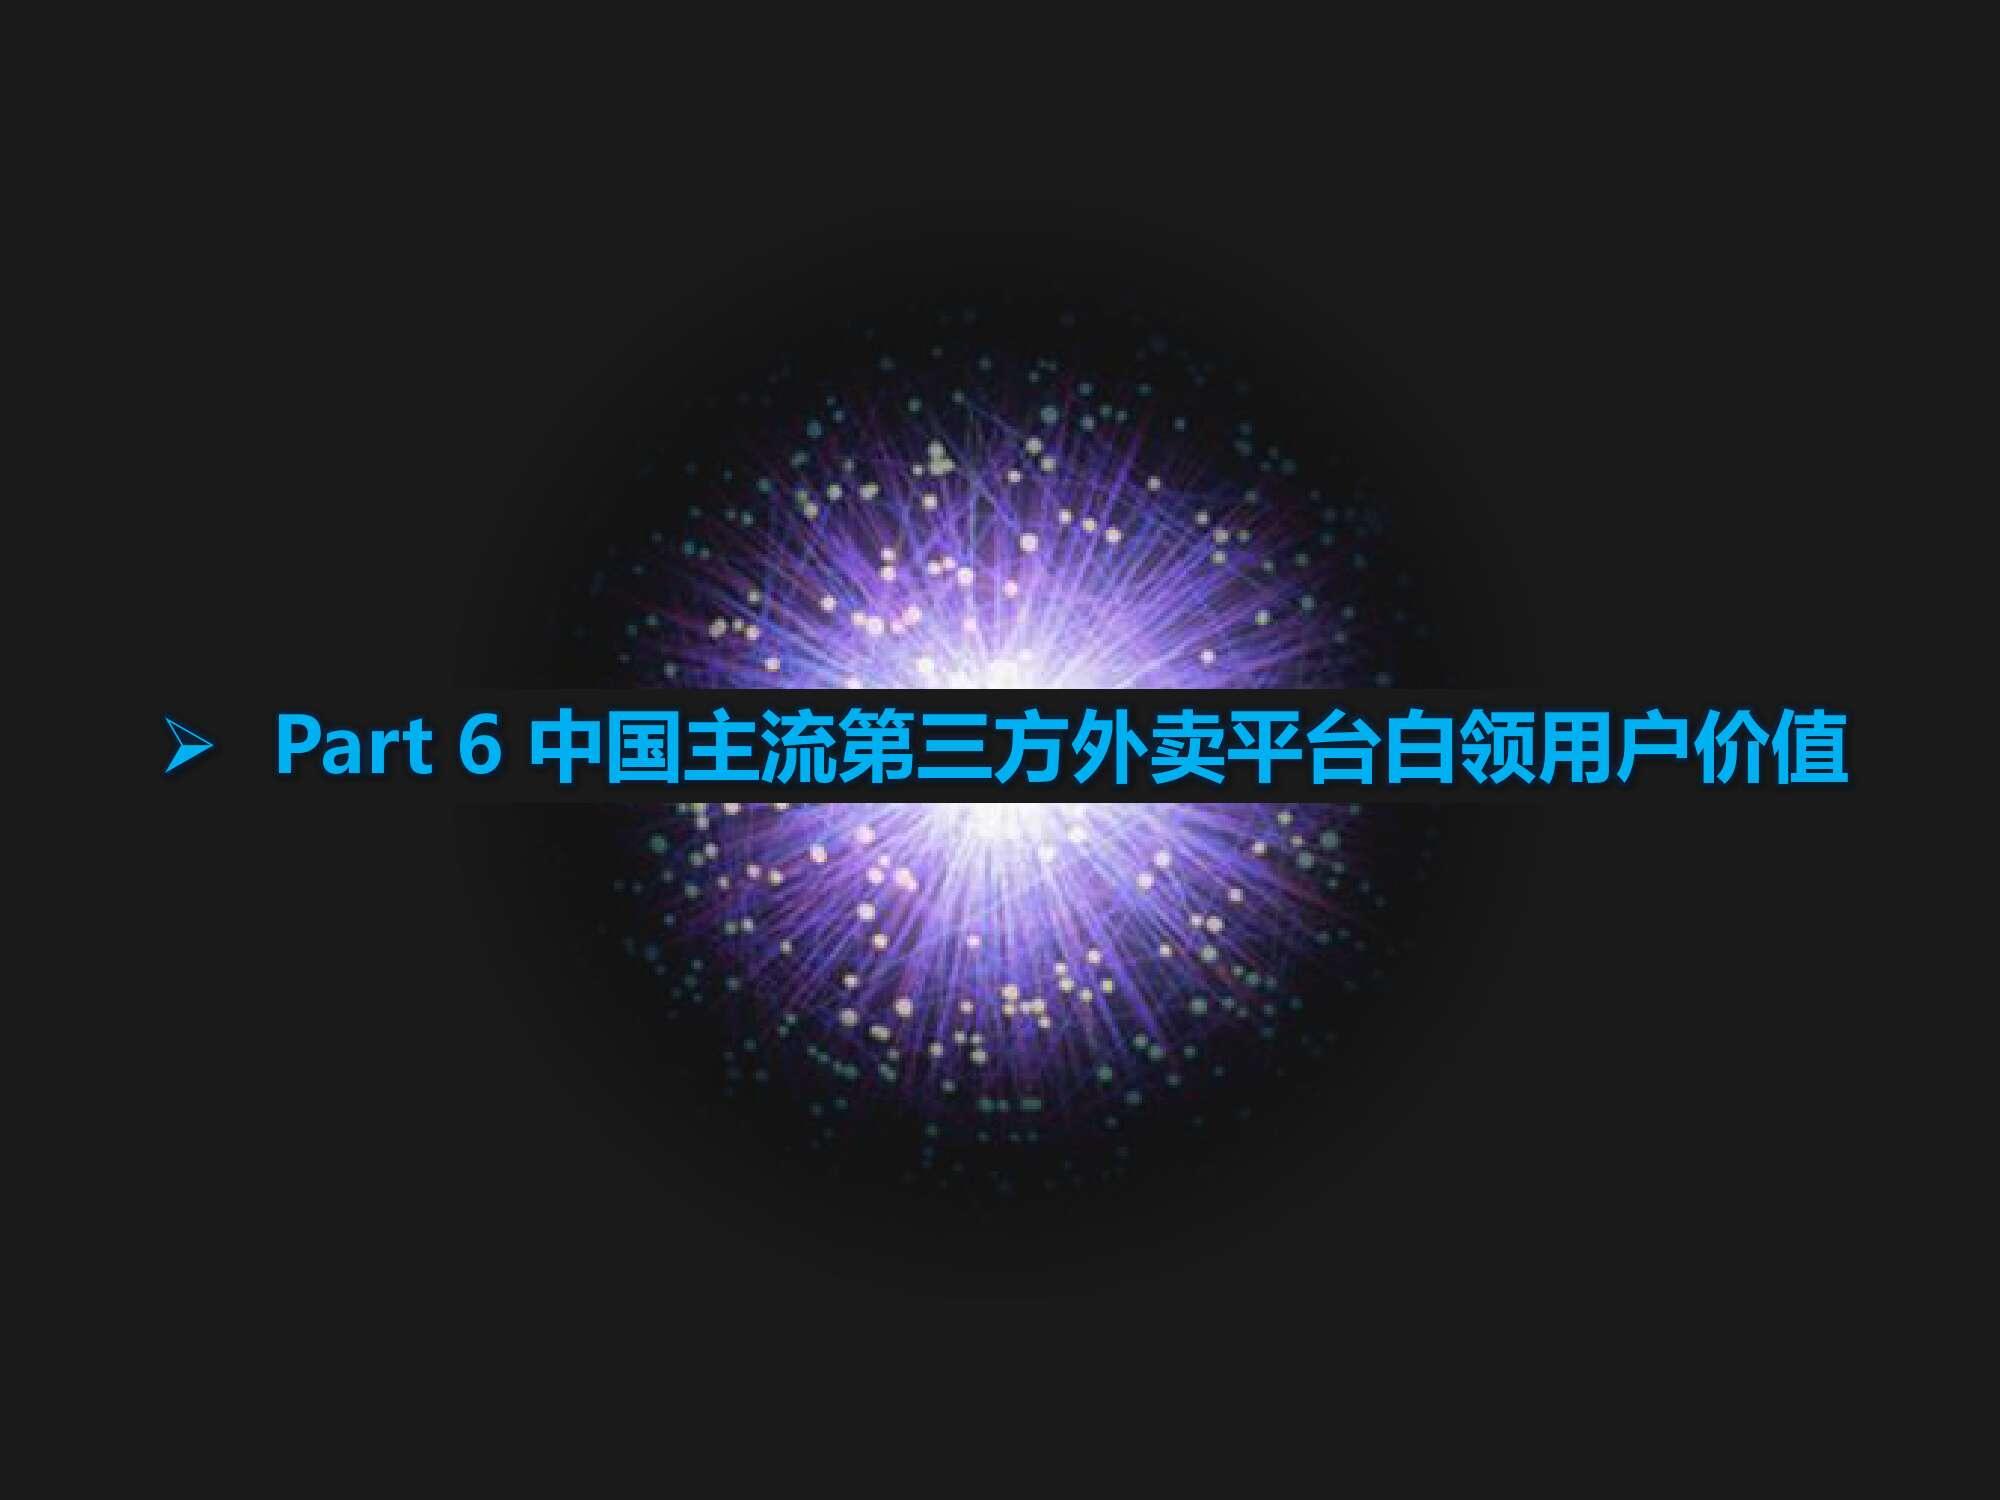 2015中国白领人群网络外卖服务研究报告_000026